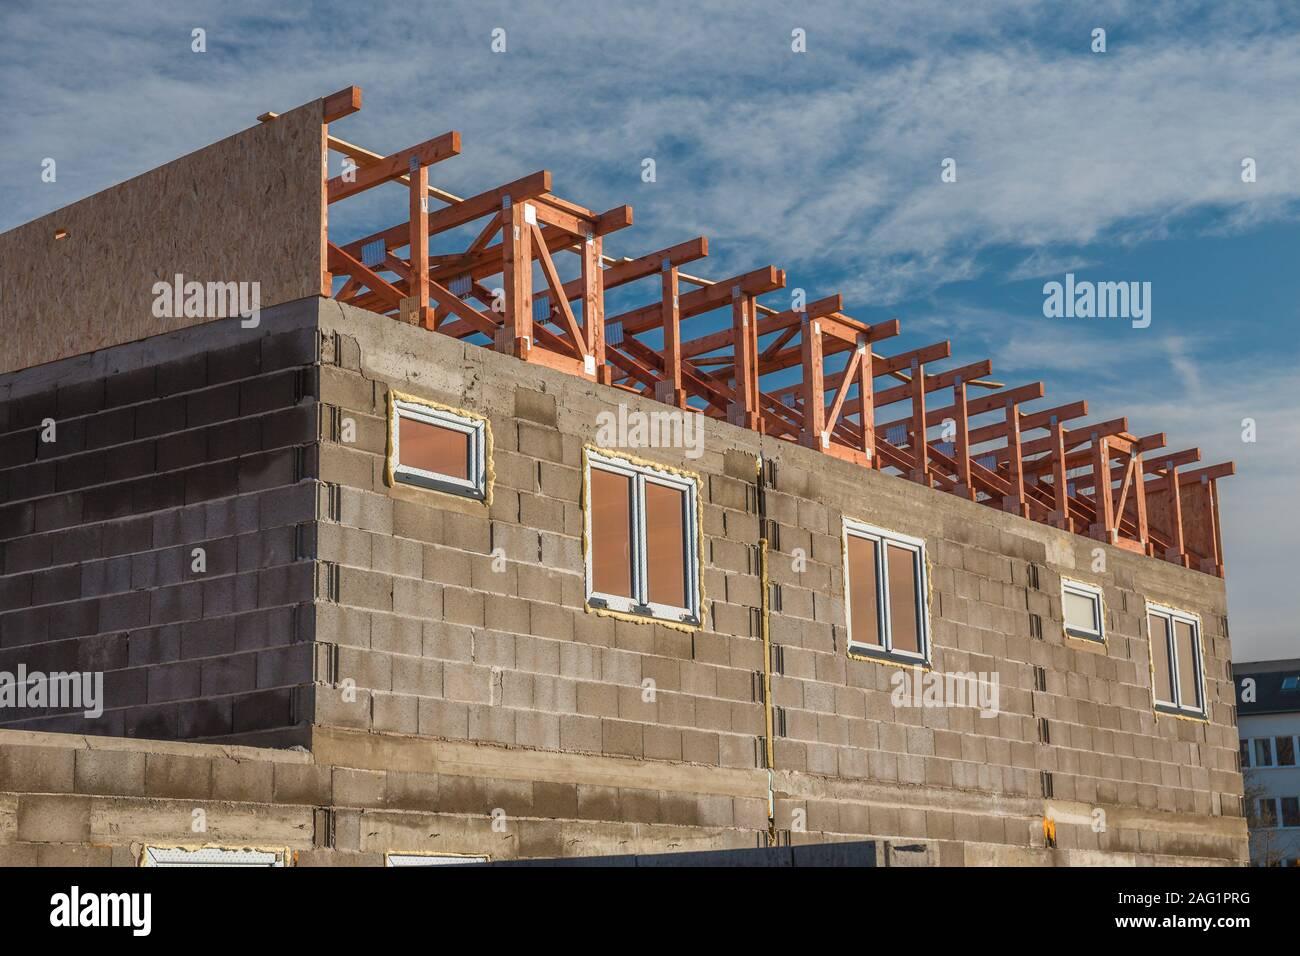 Haus im Bau. Nur nach der instalation von Holzfaserplatten auf dem Dach. Holzbretter Holz- und OSB-Platten. Stockfoto